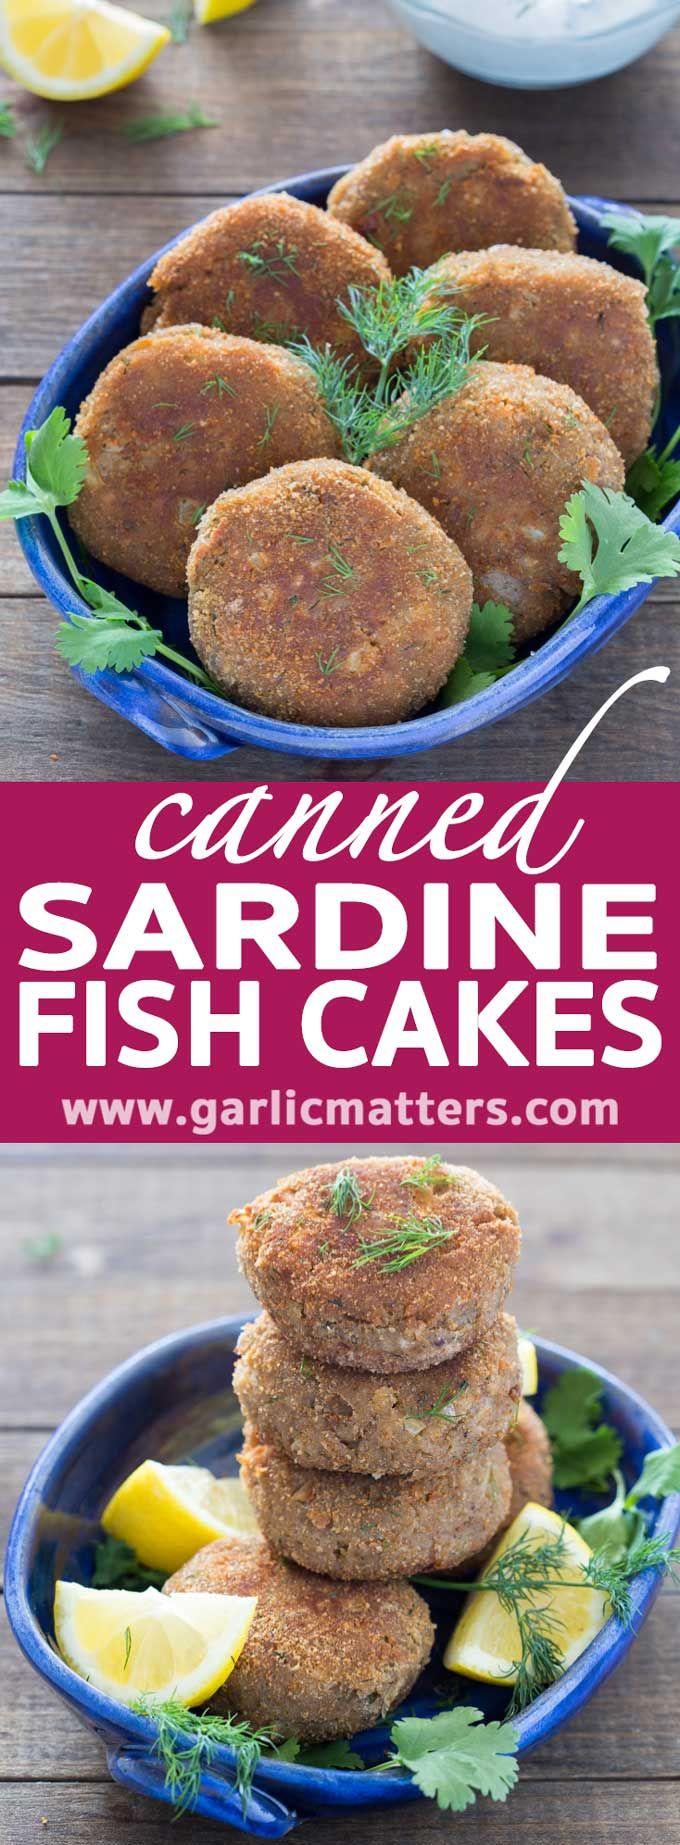 Die besten 25+ Sardine recipes canned Ideen auf Pinterest ...